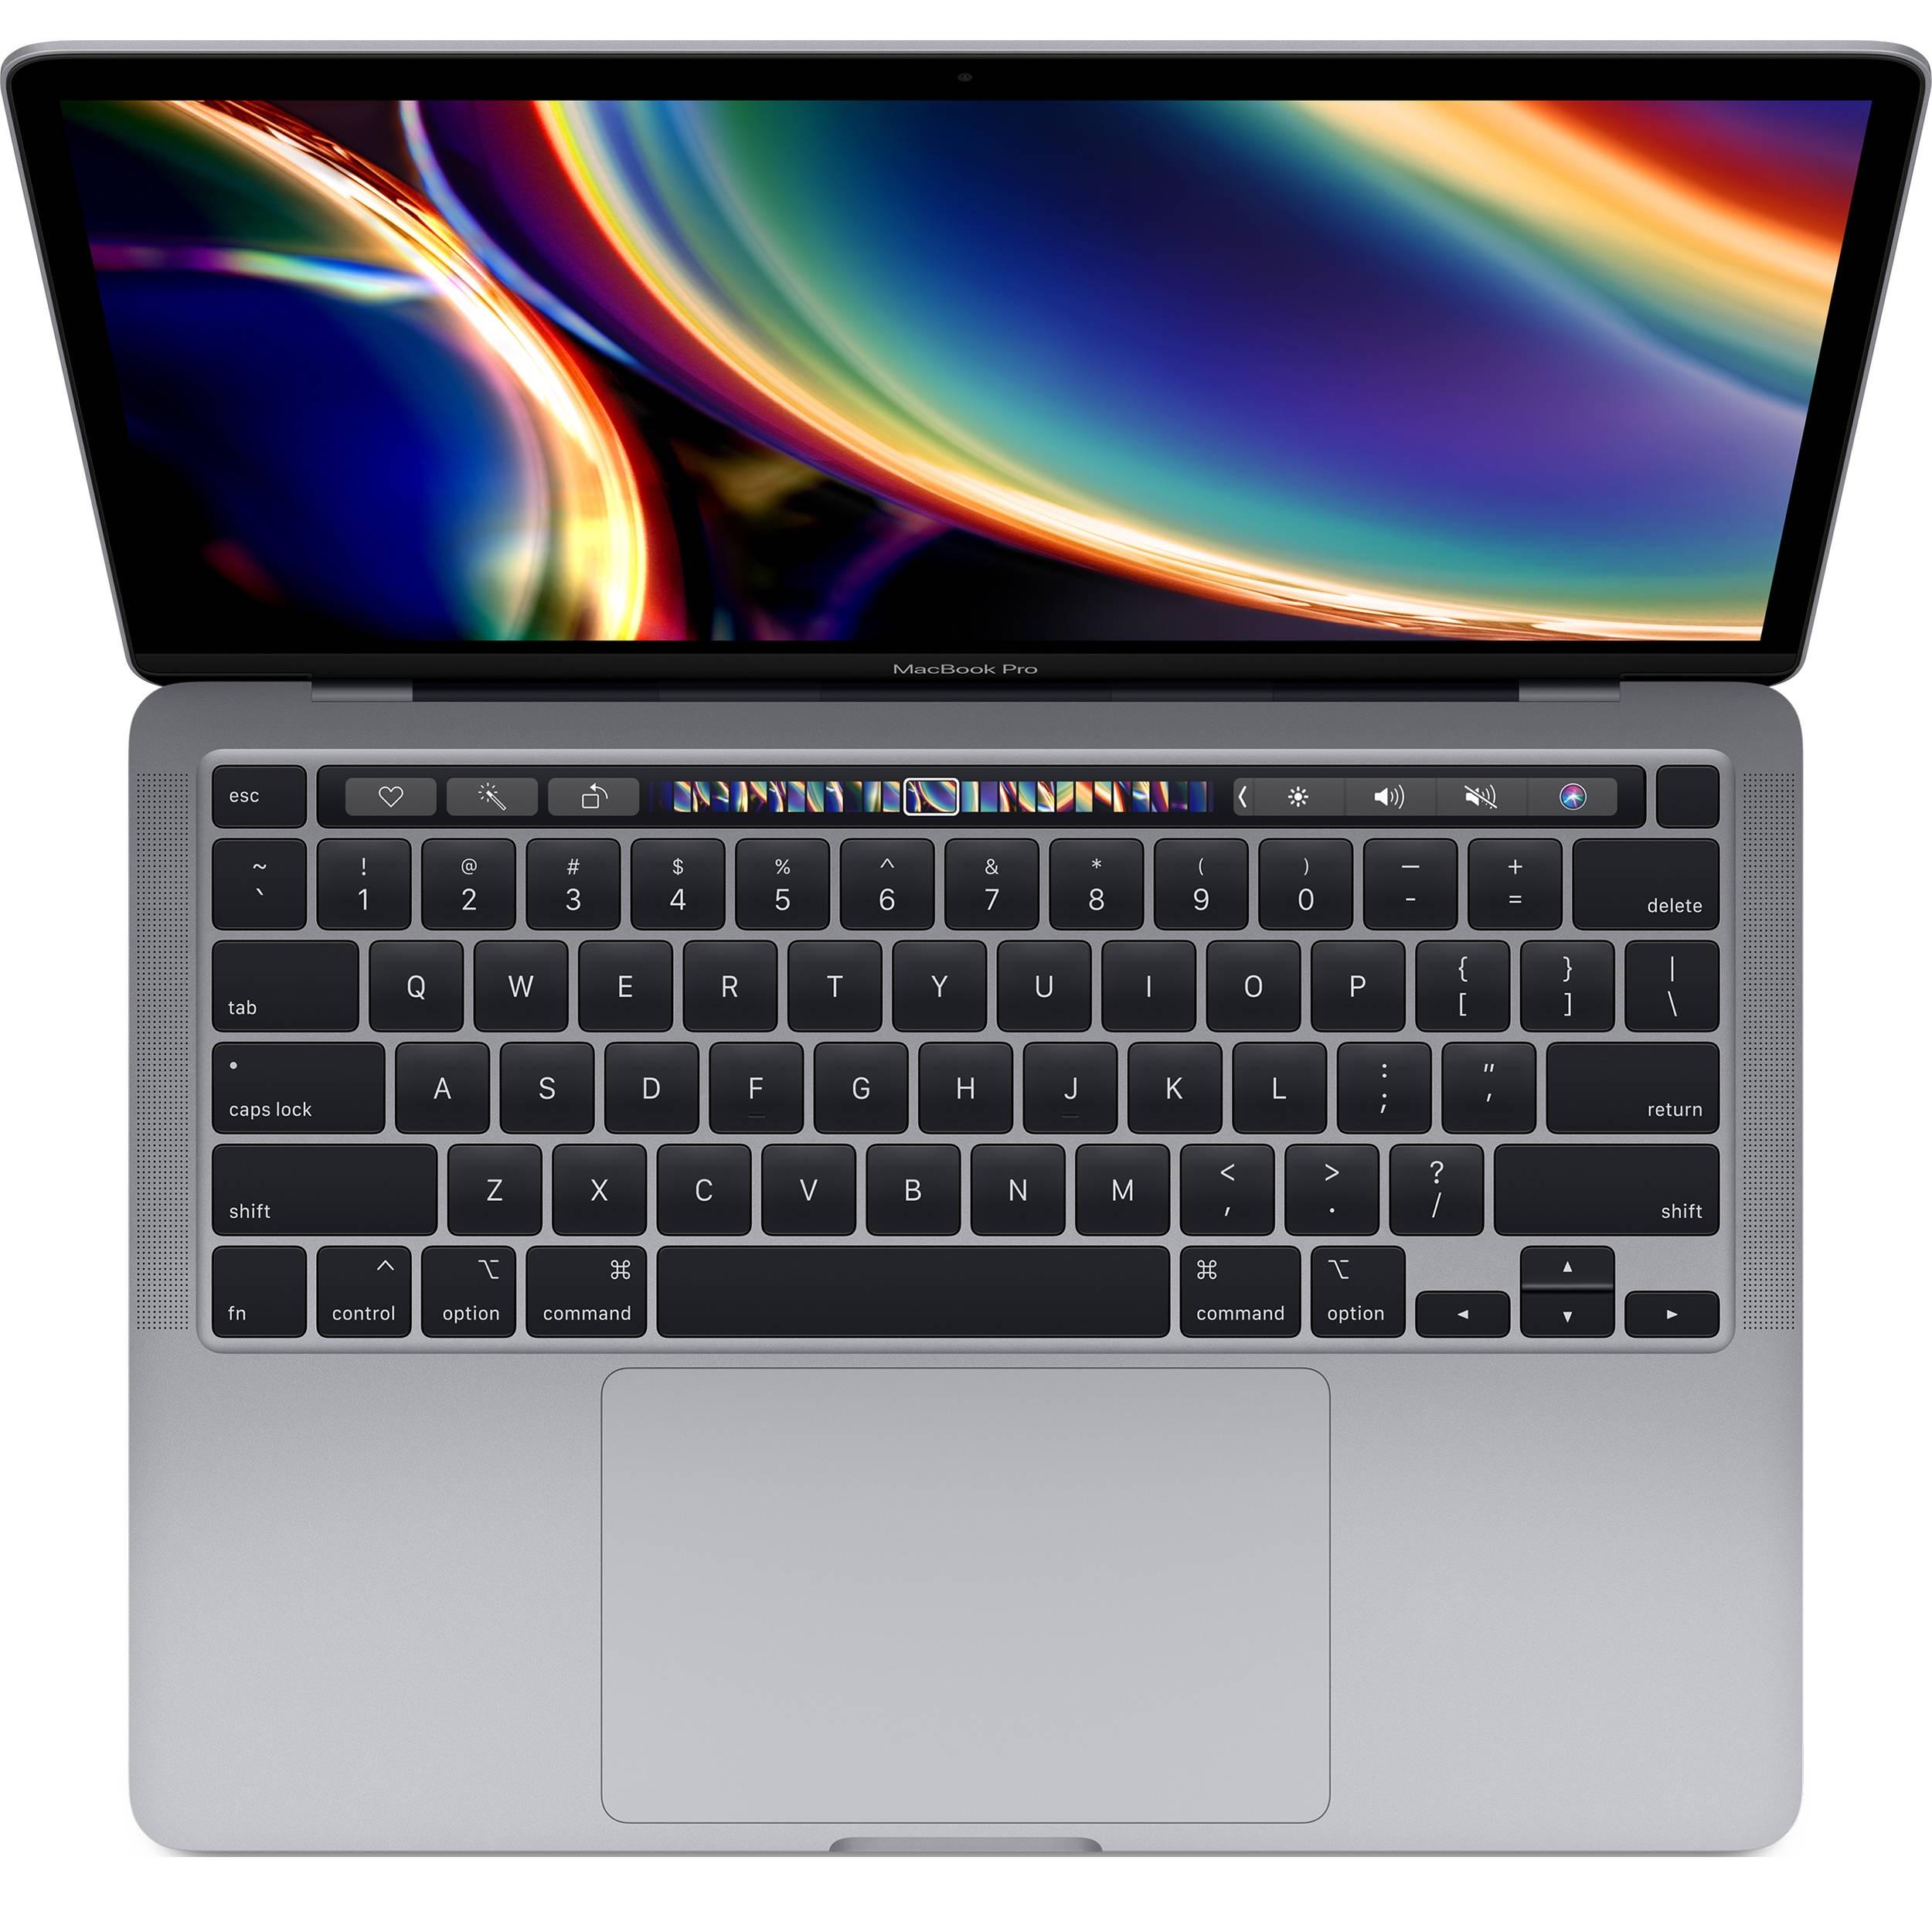 فروش نقدی و اقساطی لپ تاپ 13 اینچی اپل مدل MacBook Pro MXK32 2020 همراه با تاچ بار